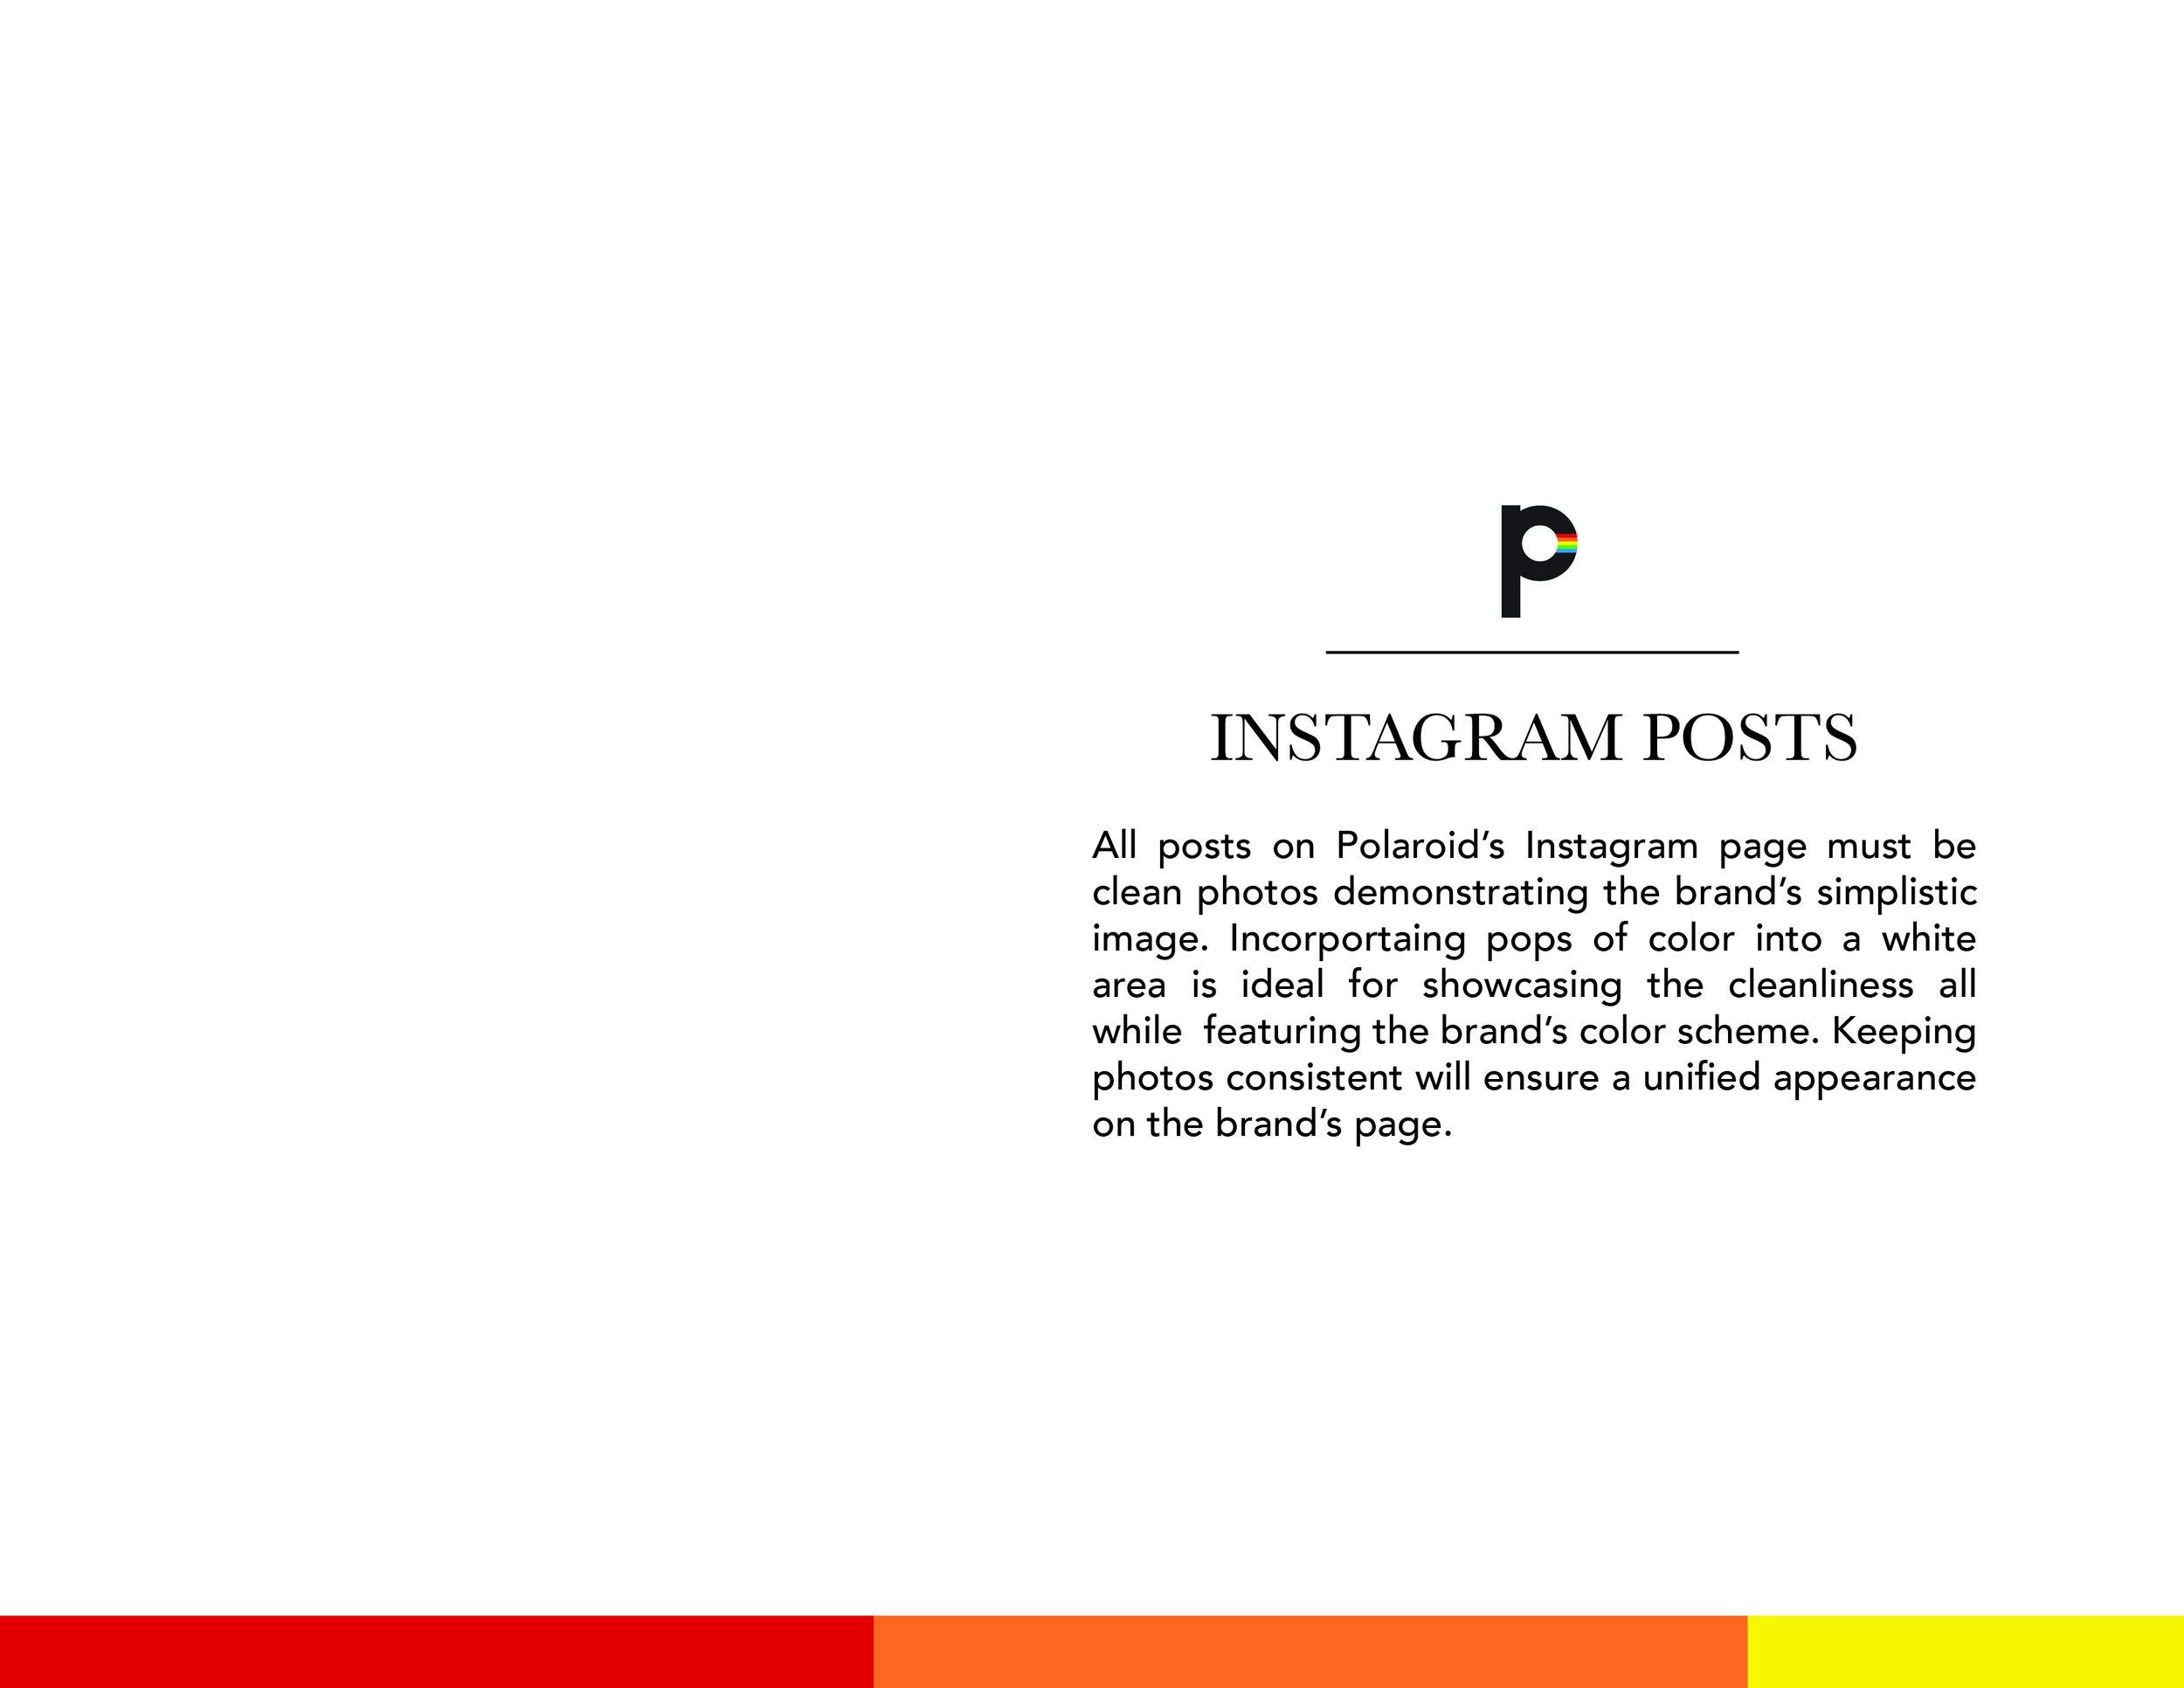 Polaroid Brand Guide 118.jpg